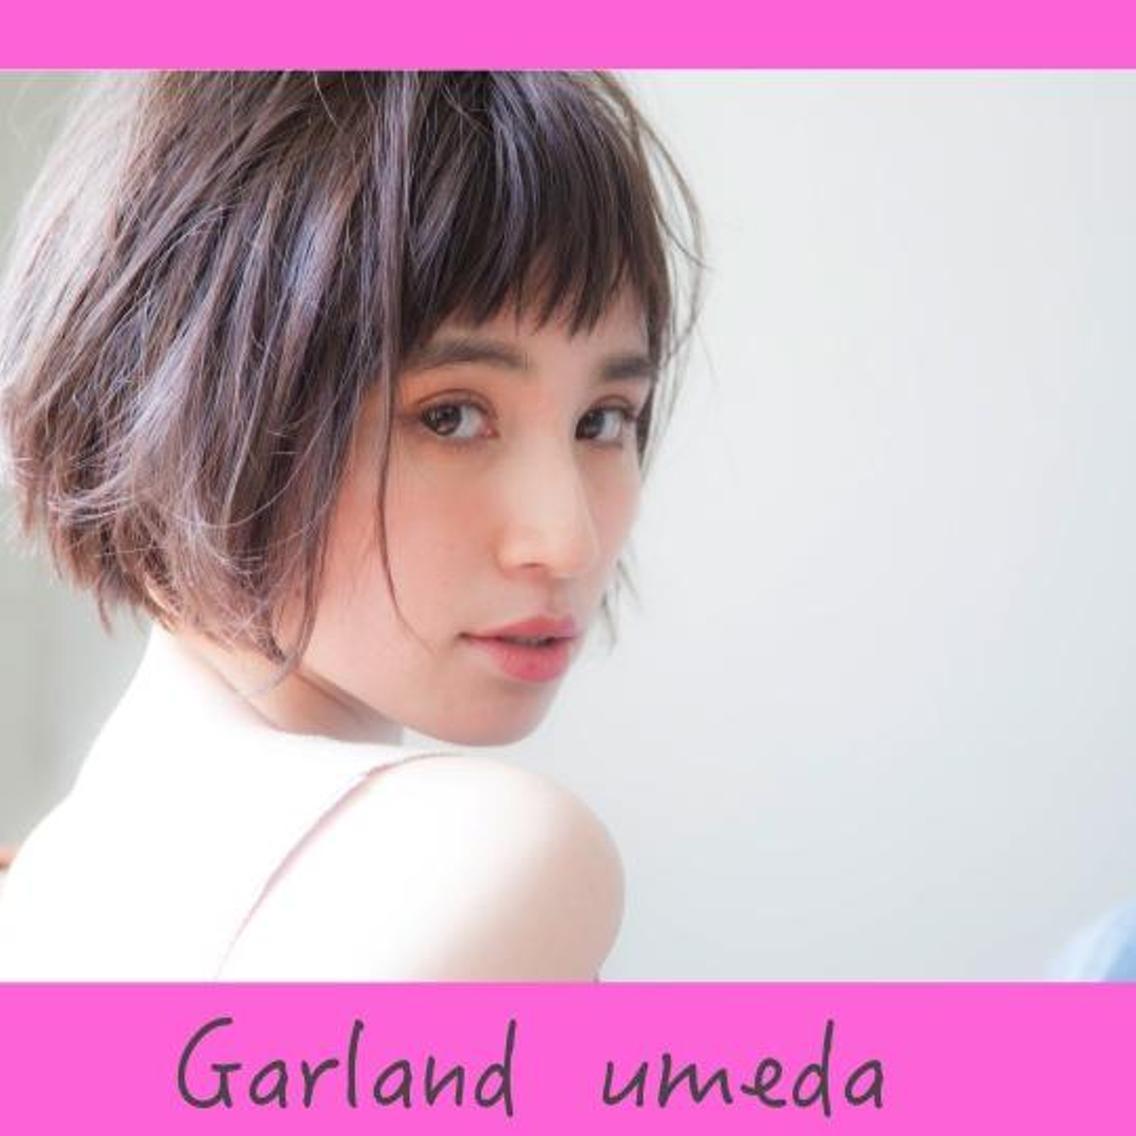 Garland umeda所属・石井静の掲載